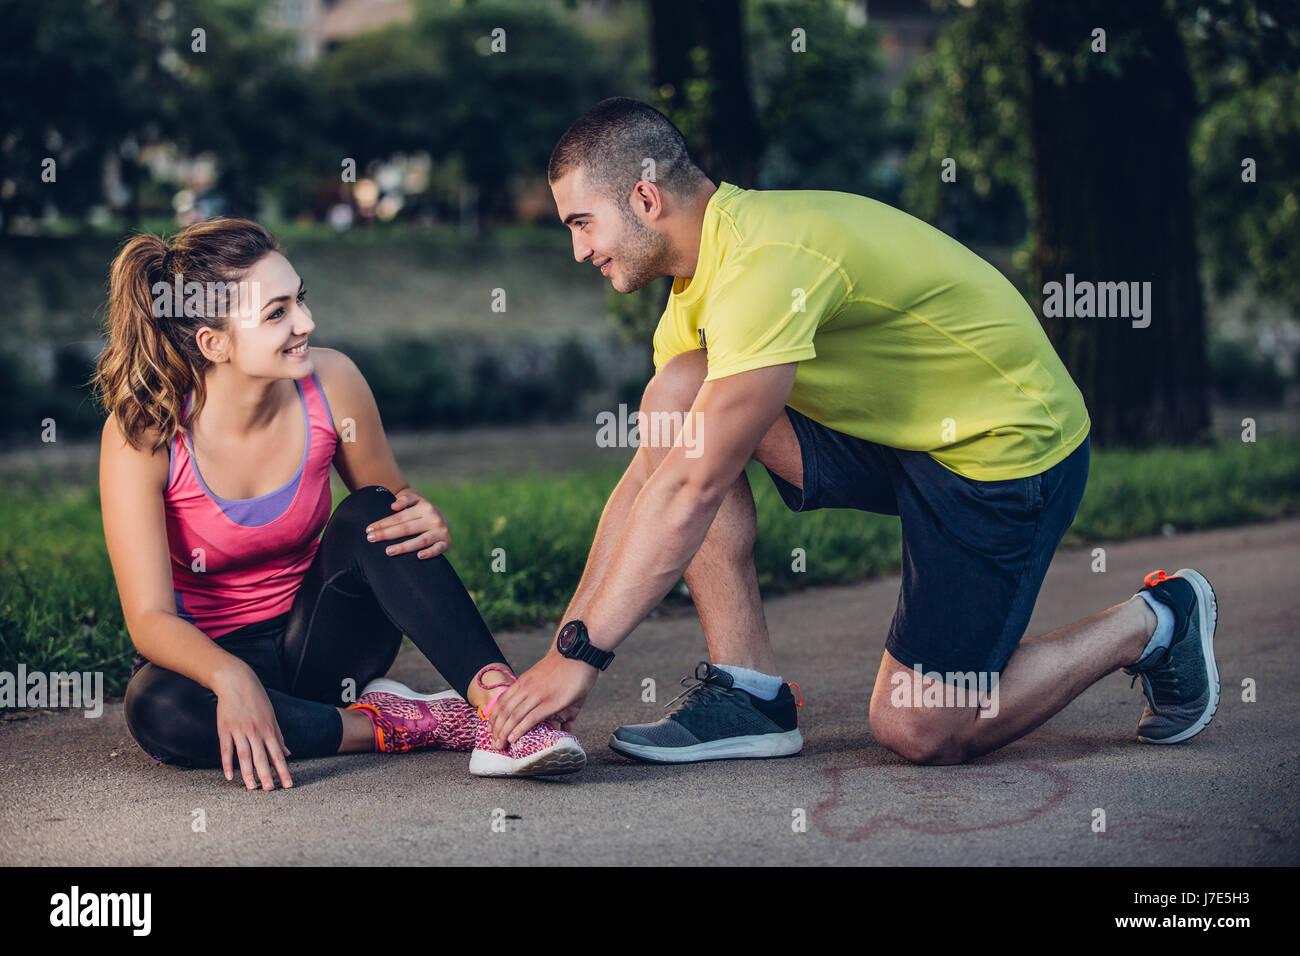 El hombre ayuda a la mujer con la rodilla lesionada en la actividad deportiva Imagen De Stock